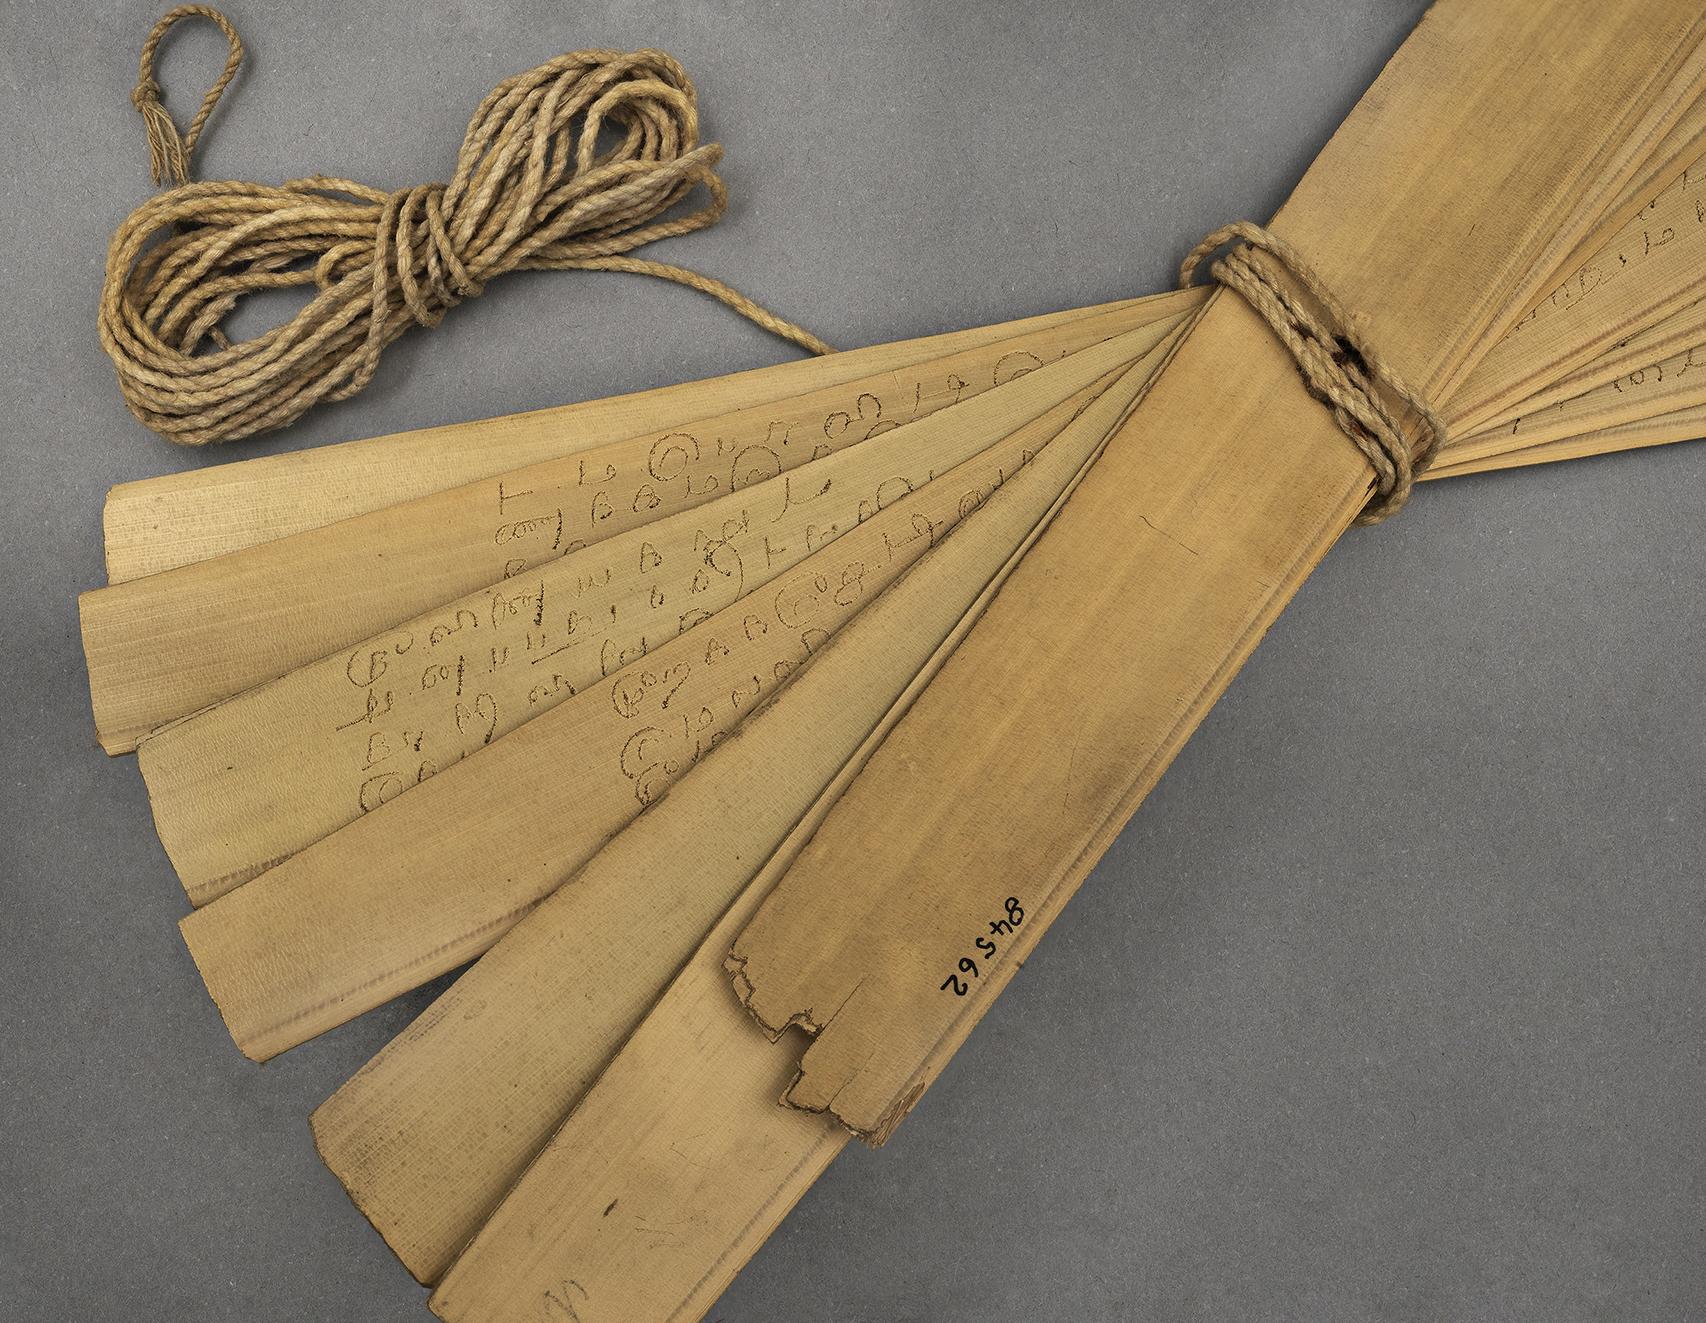 Manuscrit tamoul composé de feuilles de palme formant des ôles avec inscriptions en tamoul - Détail de l'écriture